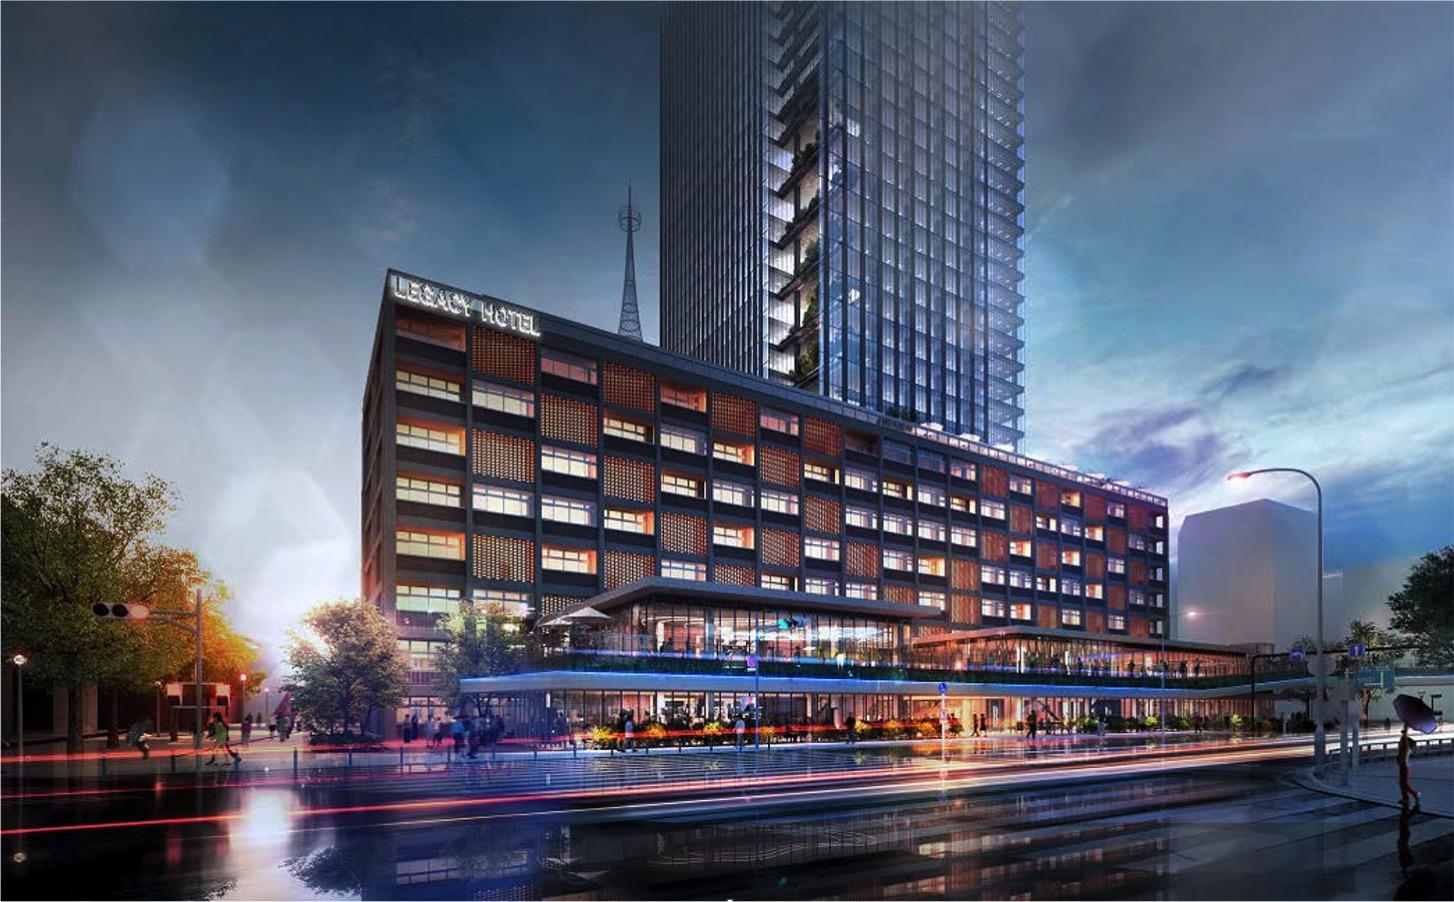 レガシーホテル、2階建ての商業施設「みなとテラス」